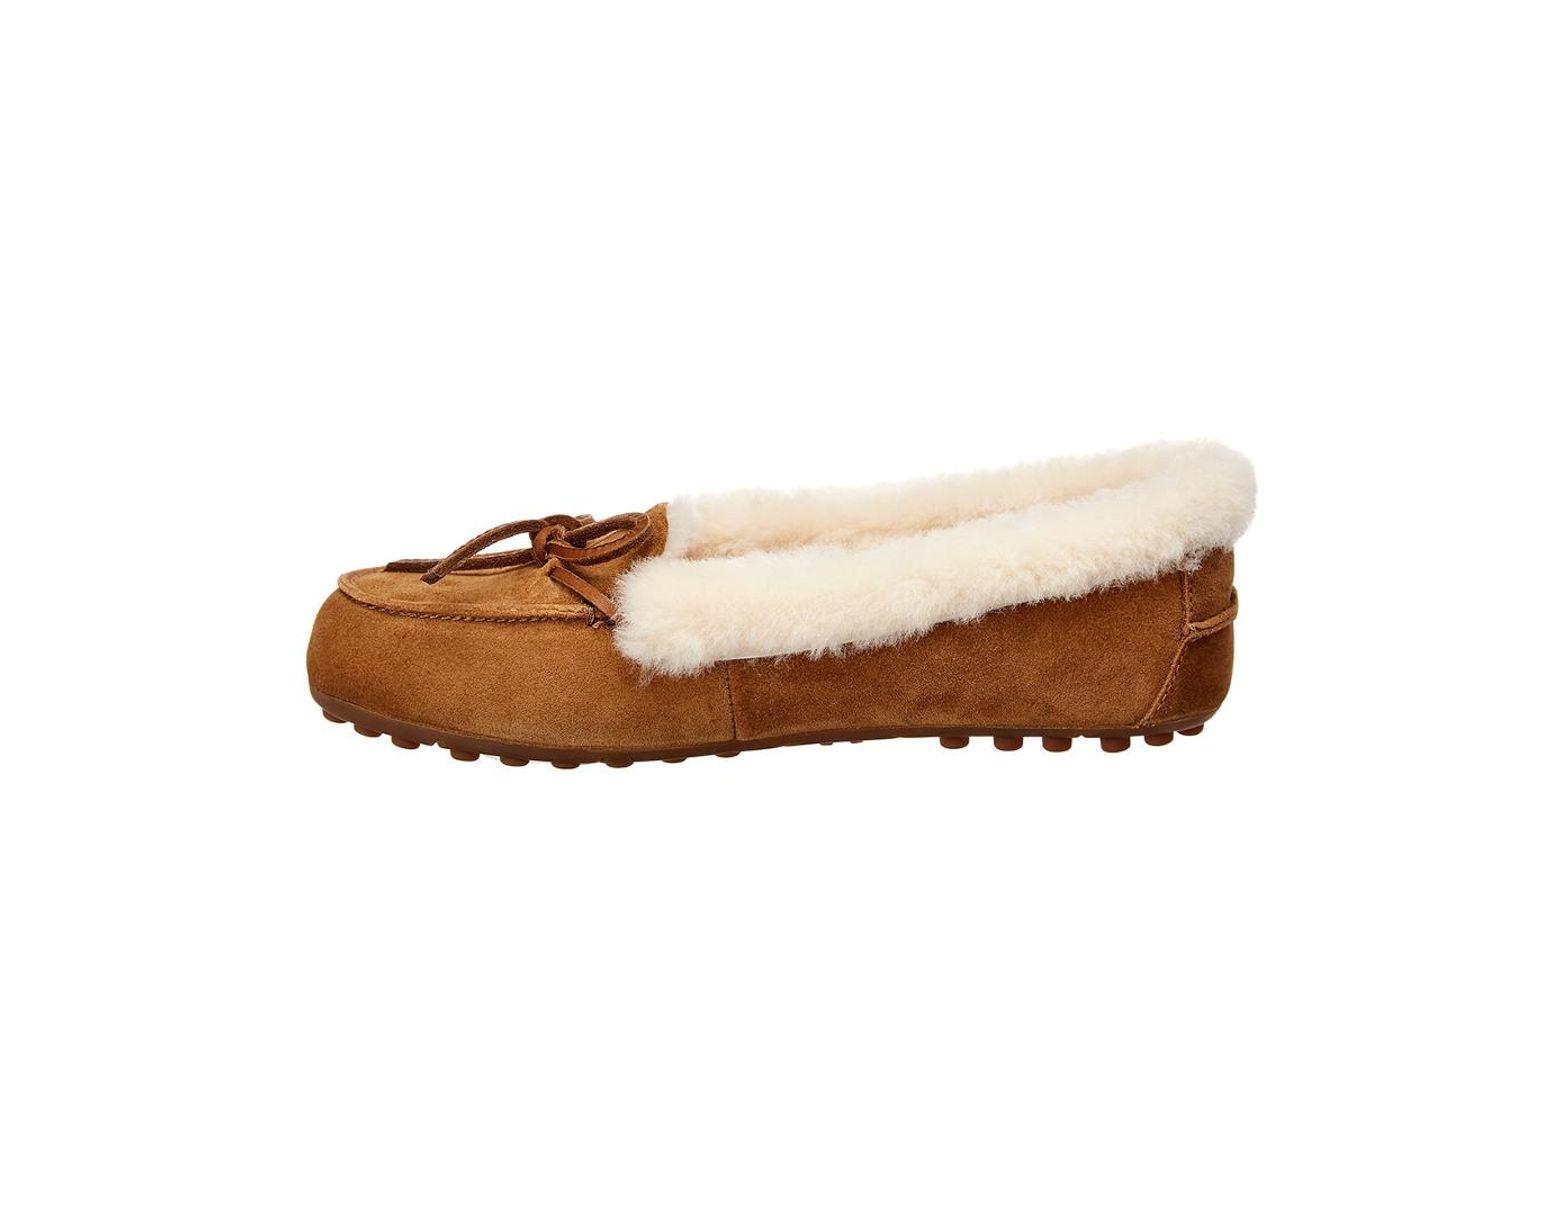 43dab92af56 Brown Women's Solana Suede Loafer Slipper